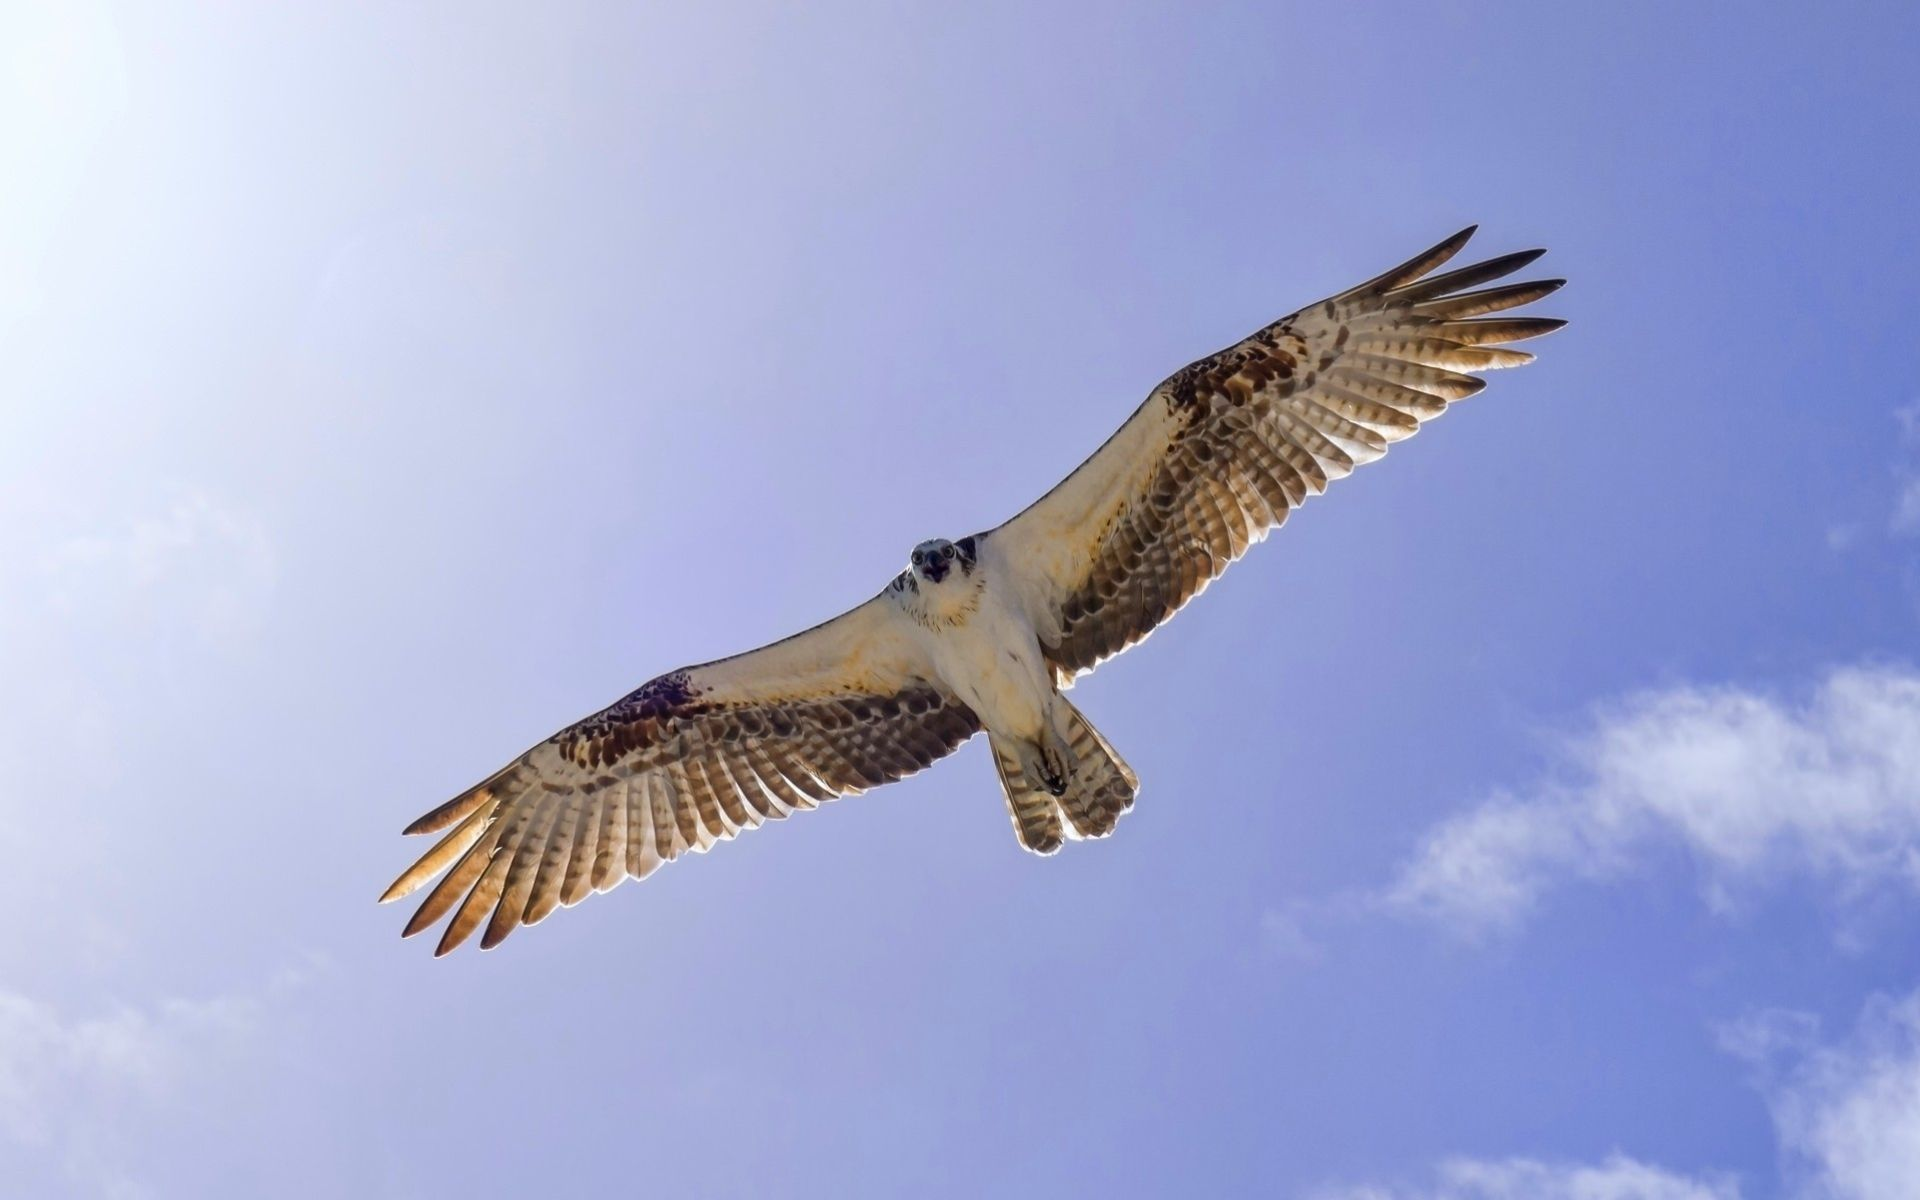 сокол в небе фото летучая действительно парит